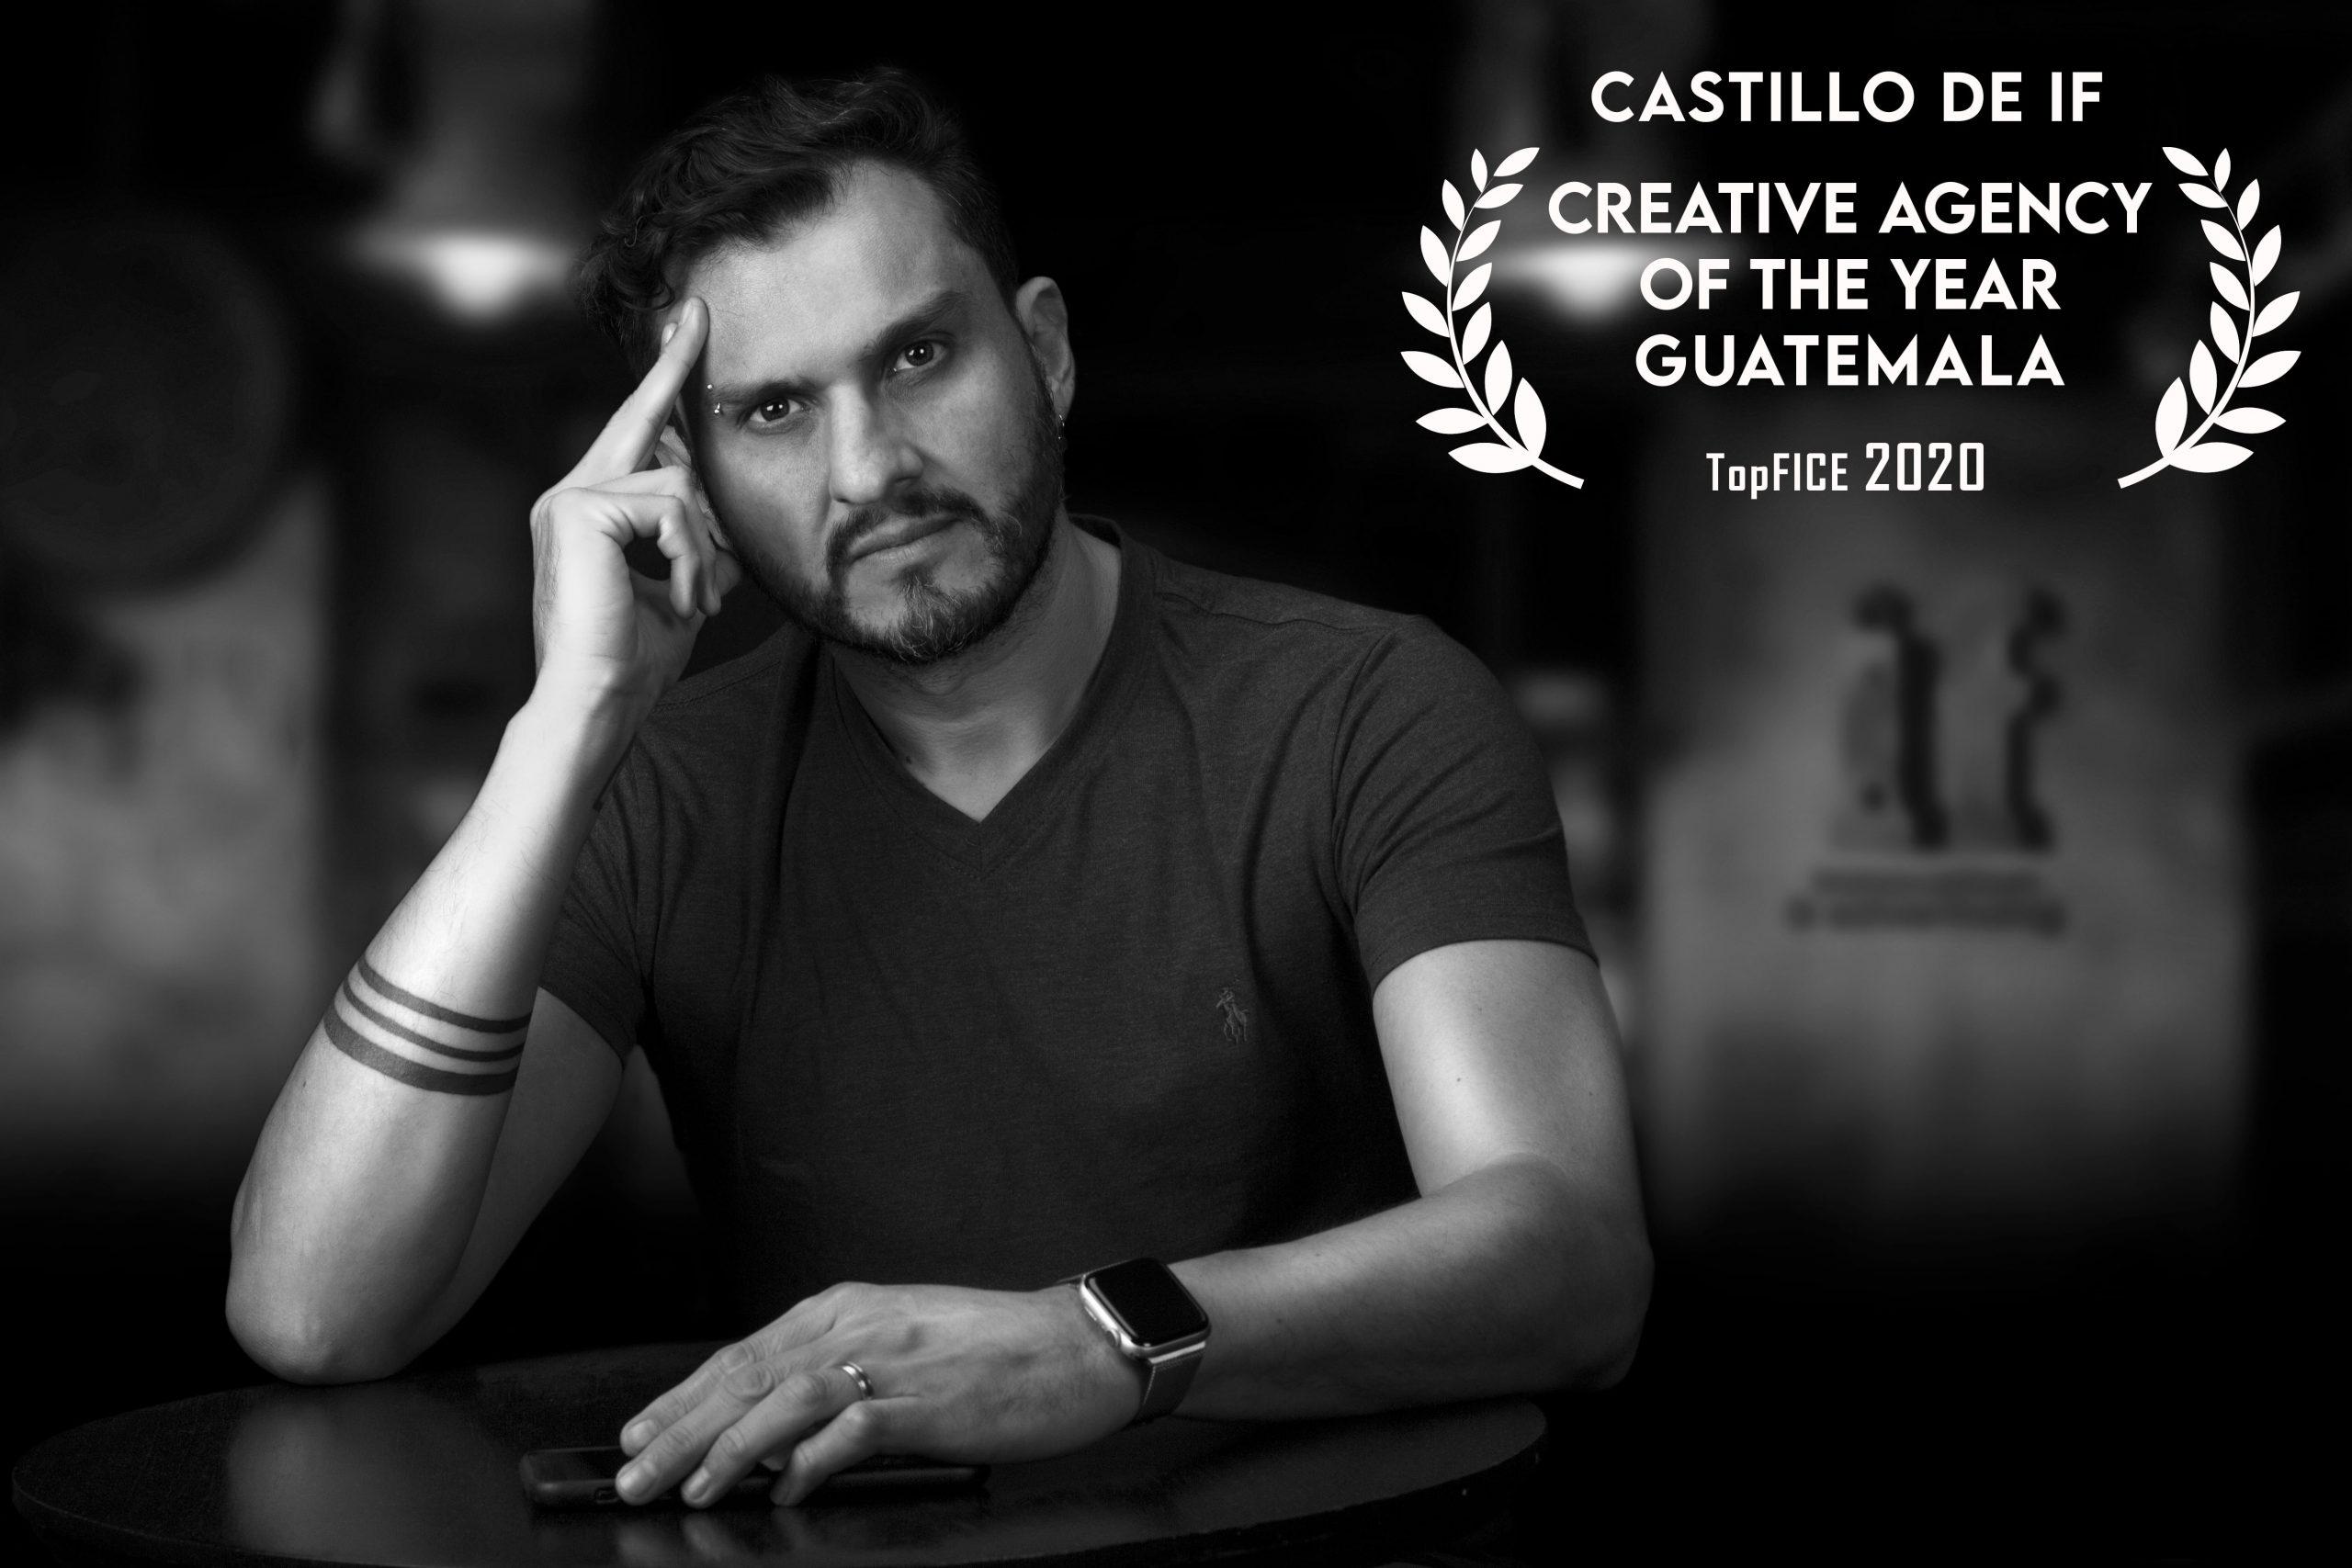 """Especial: Agencias del año TopFICE, Castillo de If """"Los grandes resultados tienen en común grandes ideas"""""""